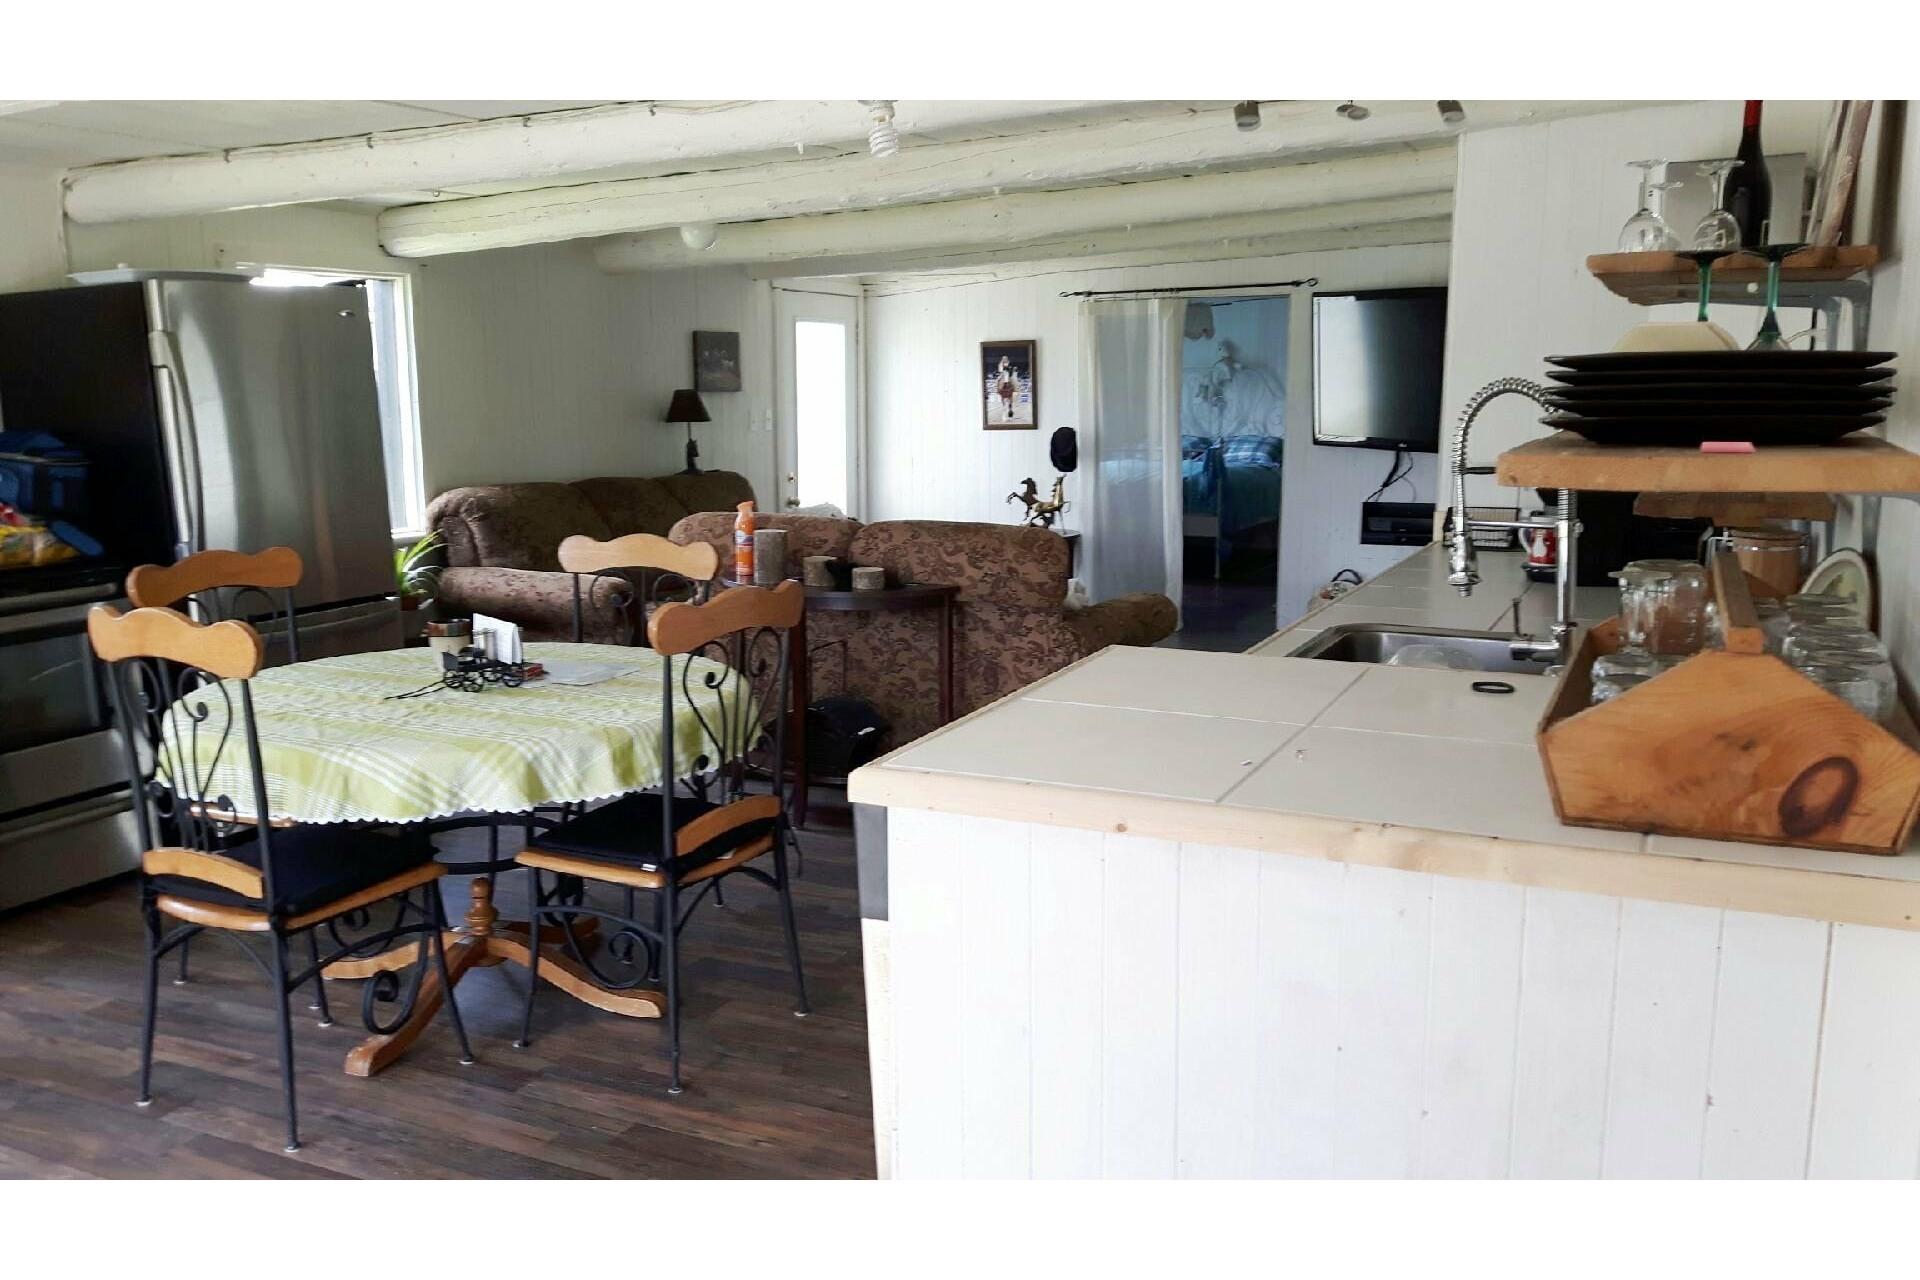 image 13 - Farmhouse For sale Notre-Dame-du-Bon-Conseil - Paroisse - 5 rooms